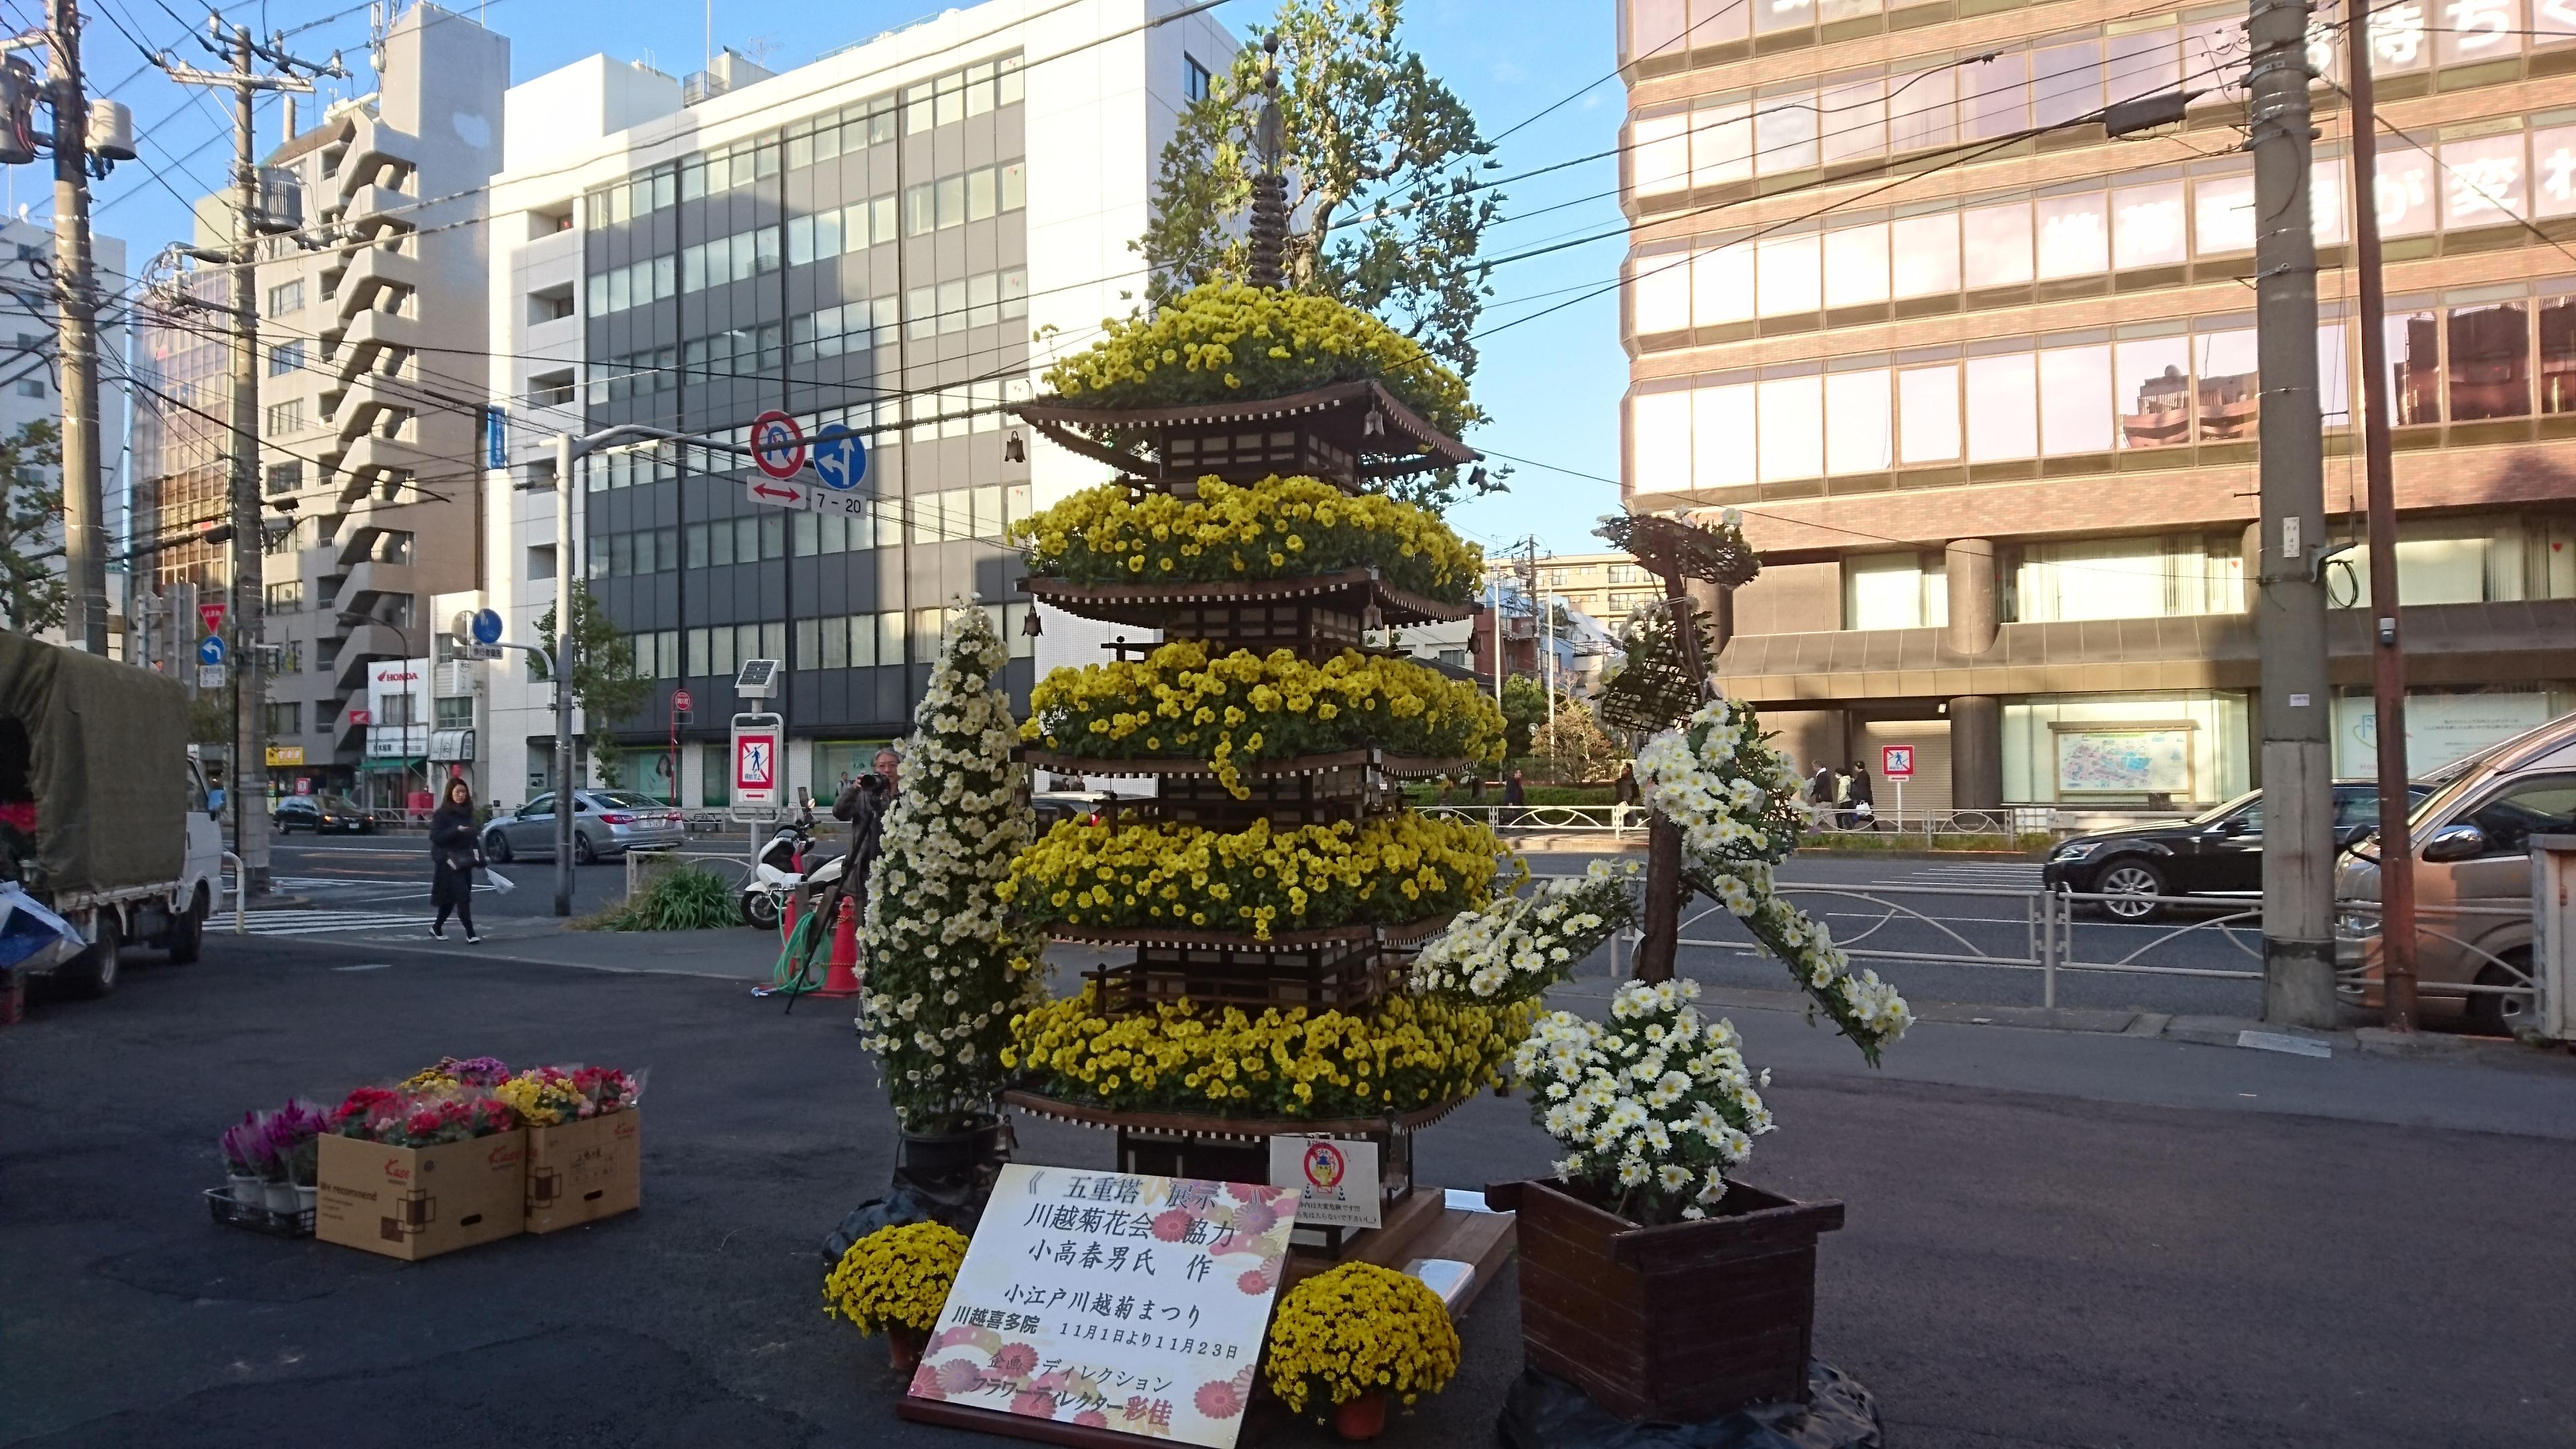 菊まつりすがもん広場